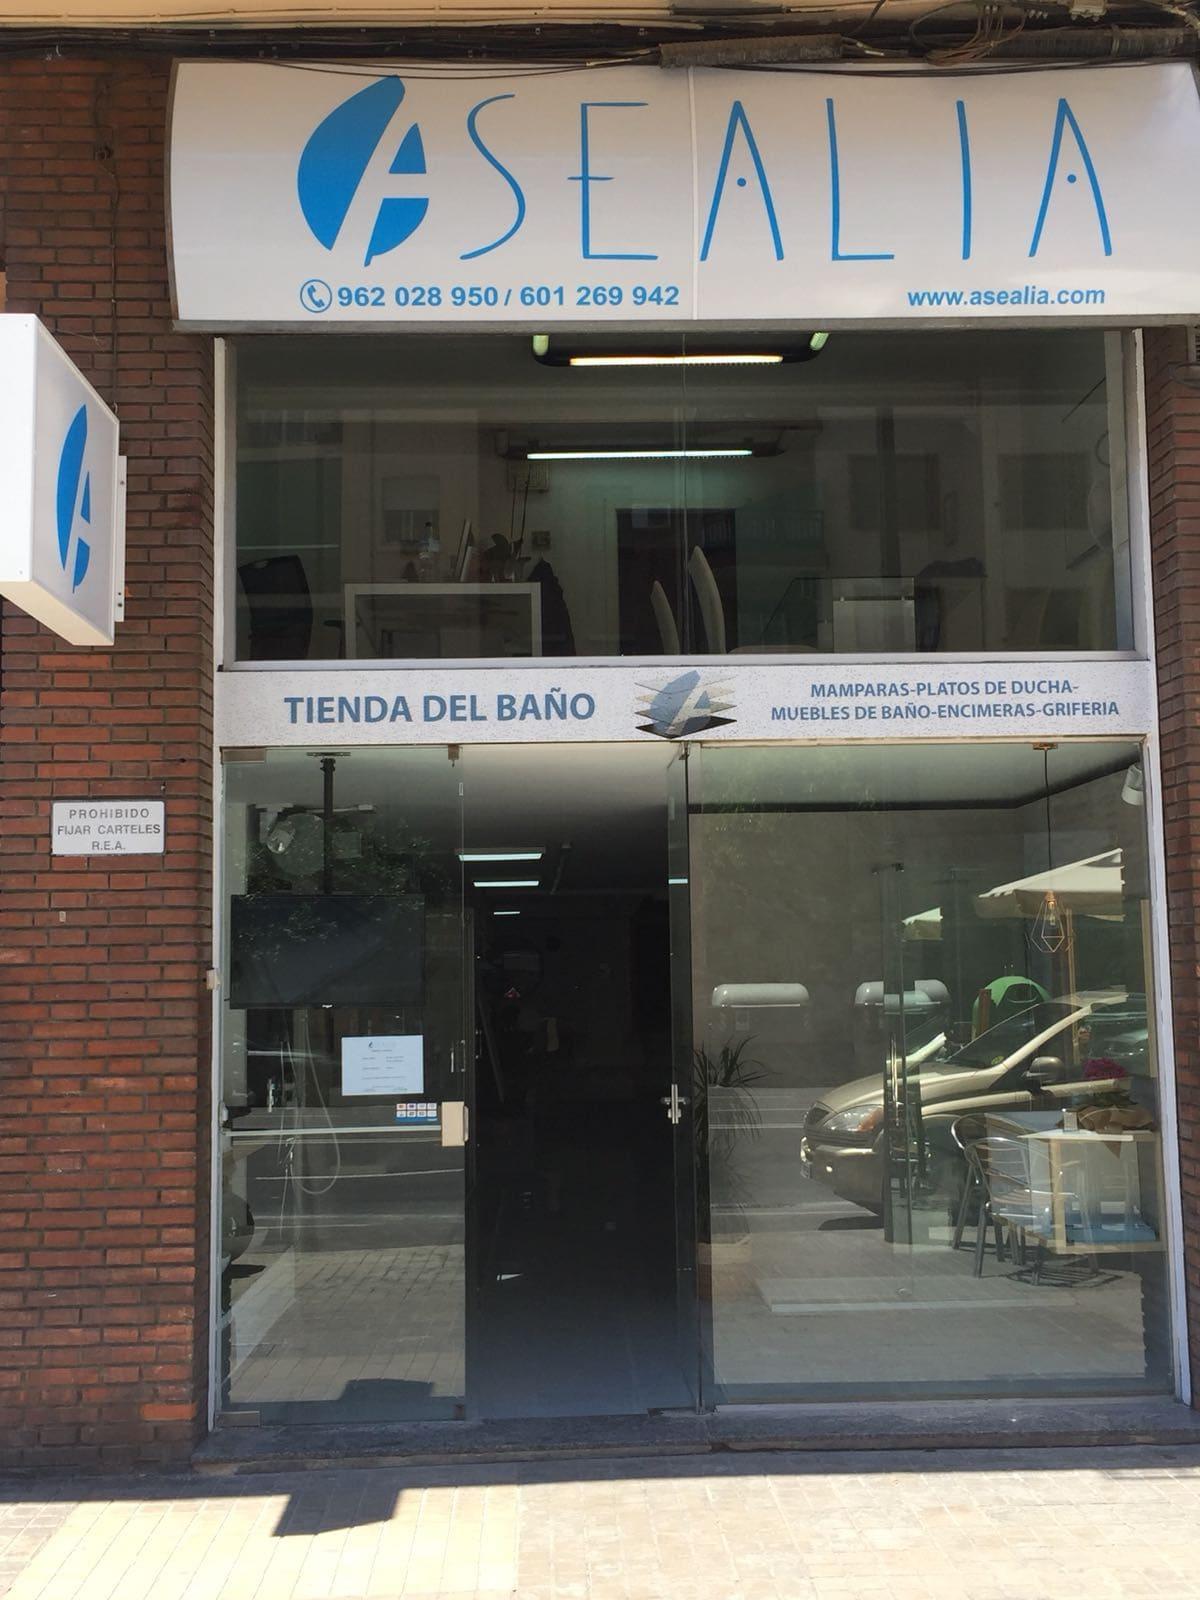 Asealia Valencia Tienda de Baño